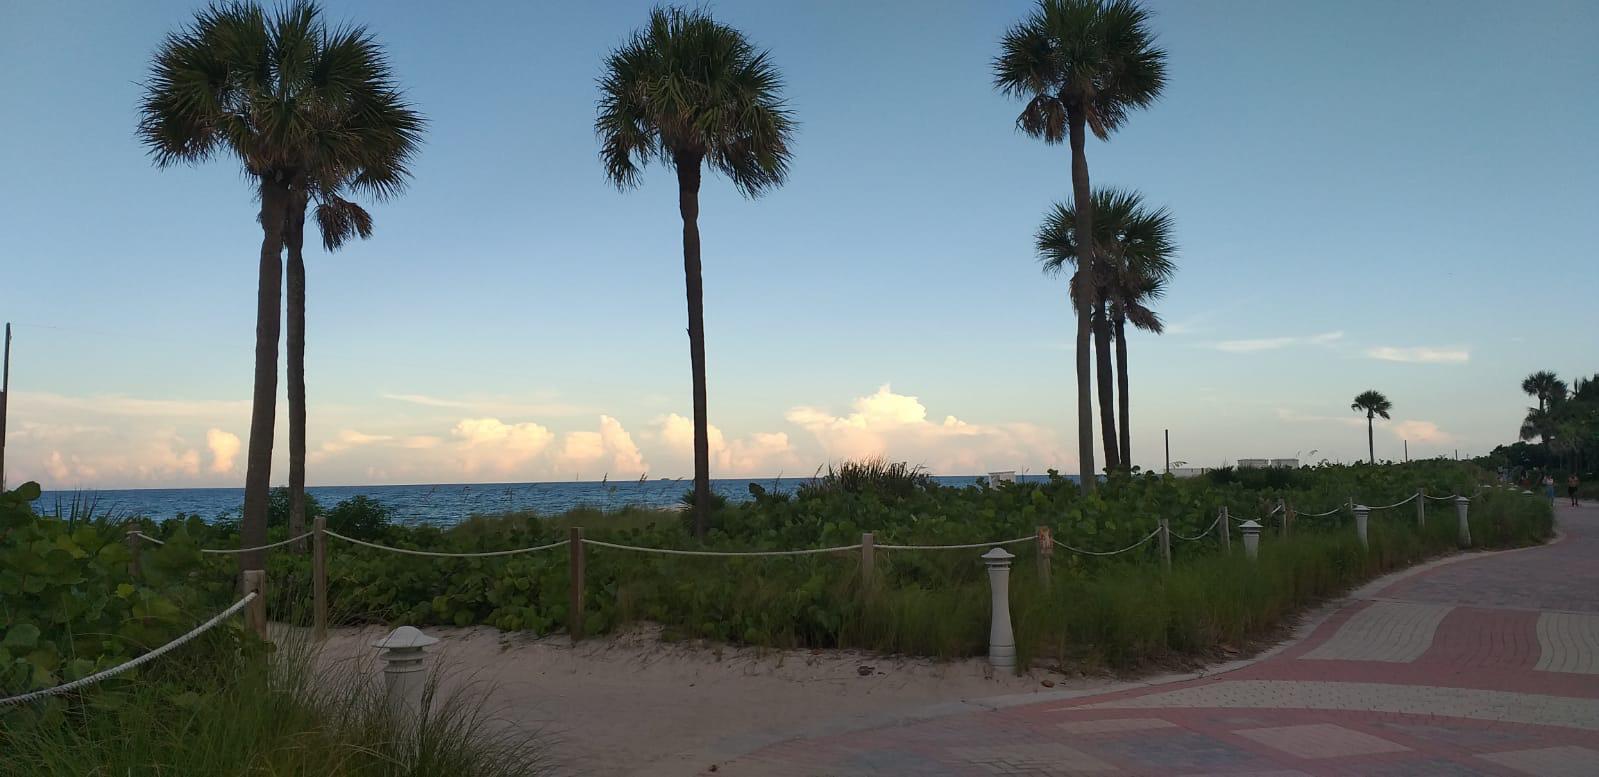 Blick auf Palmen und Meer in Cape Coral